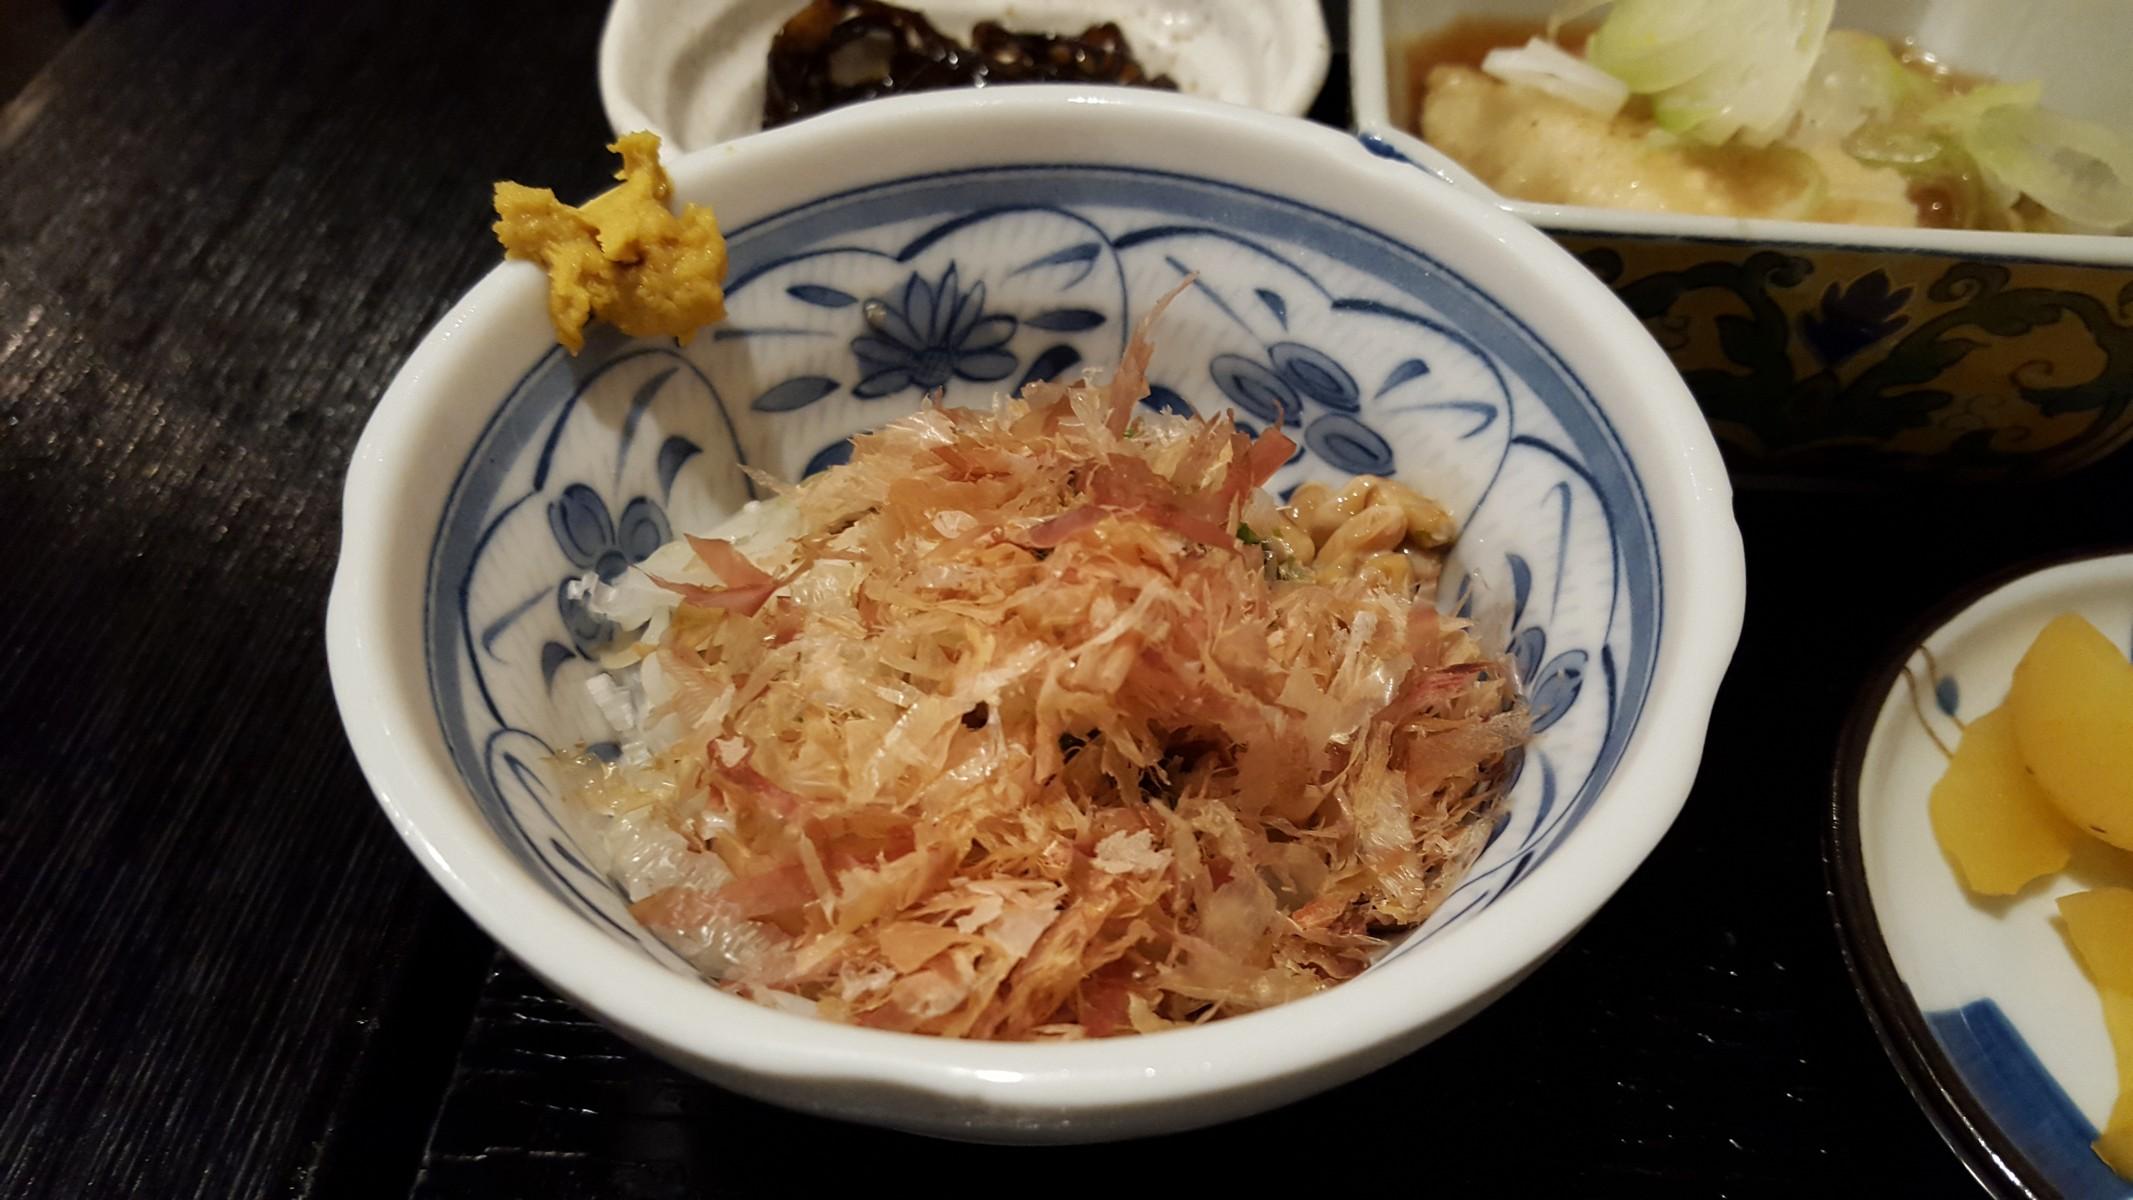 納豆冷奴定食の納豆【一亀/小伝馬町】